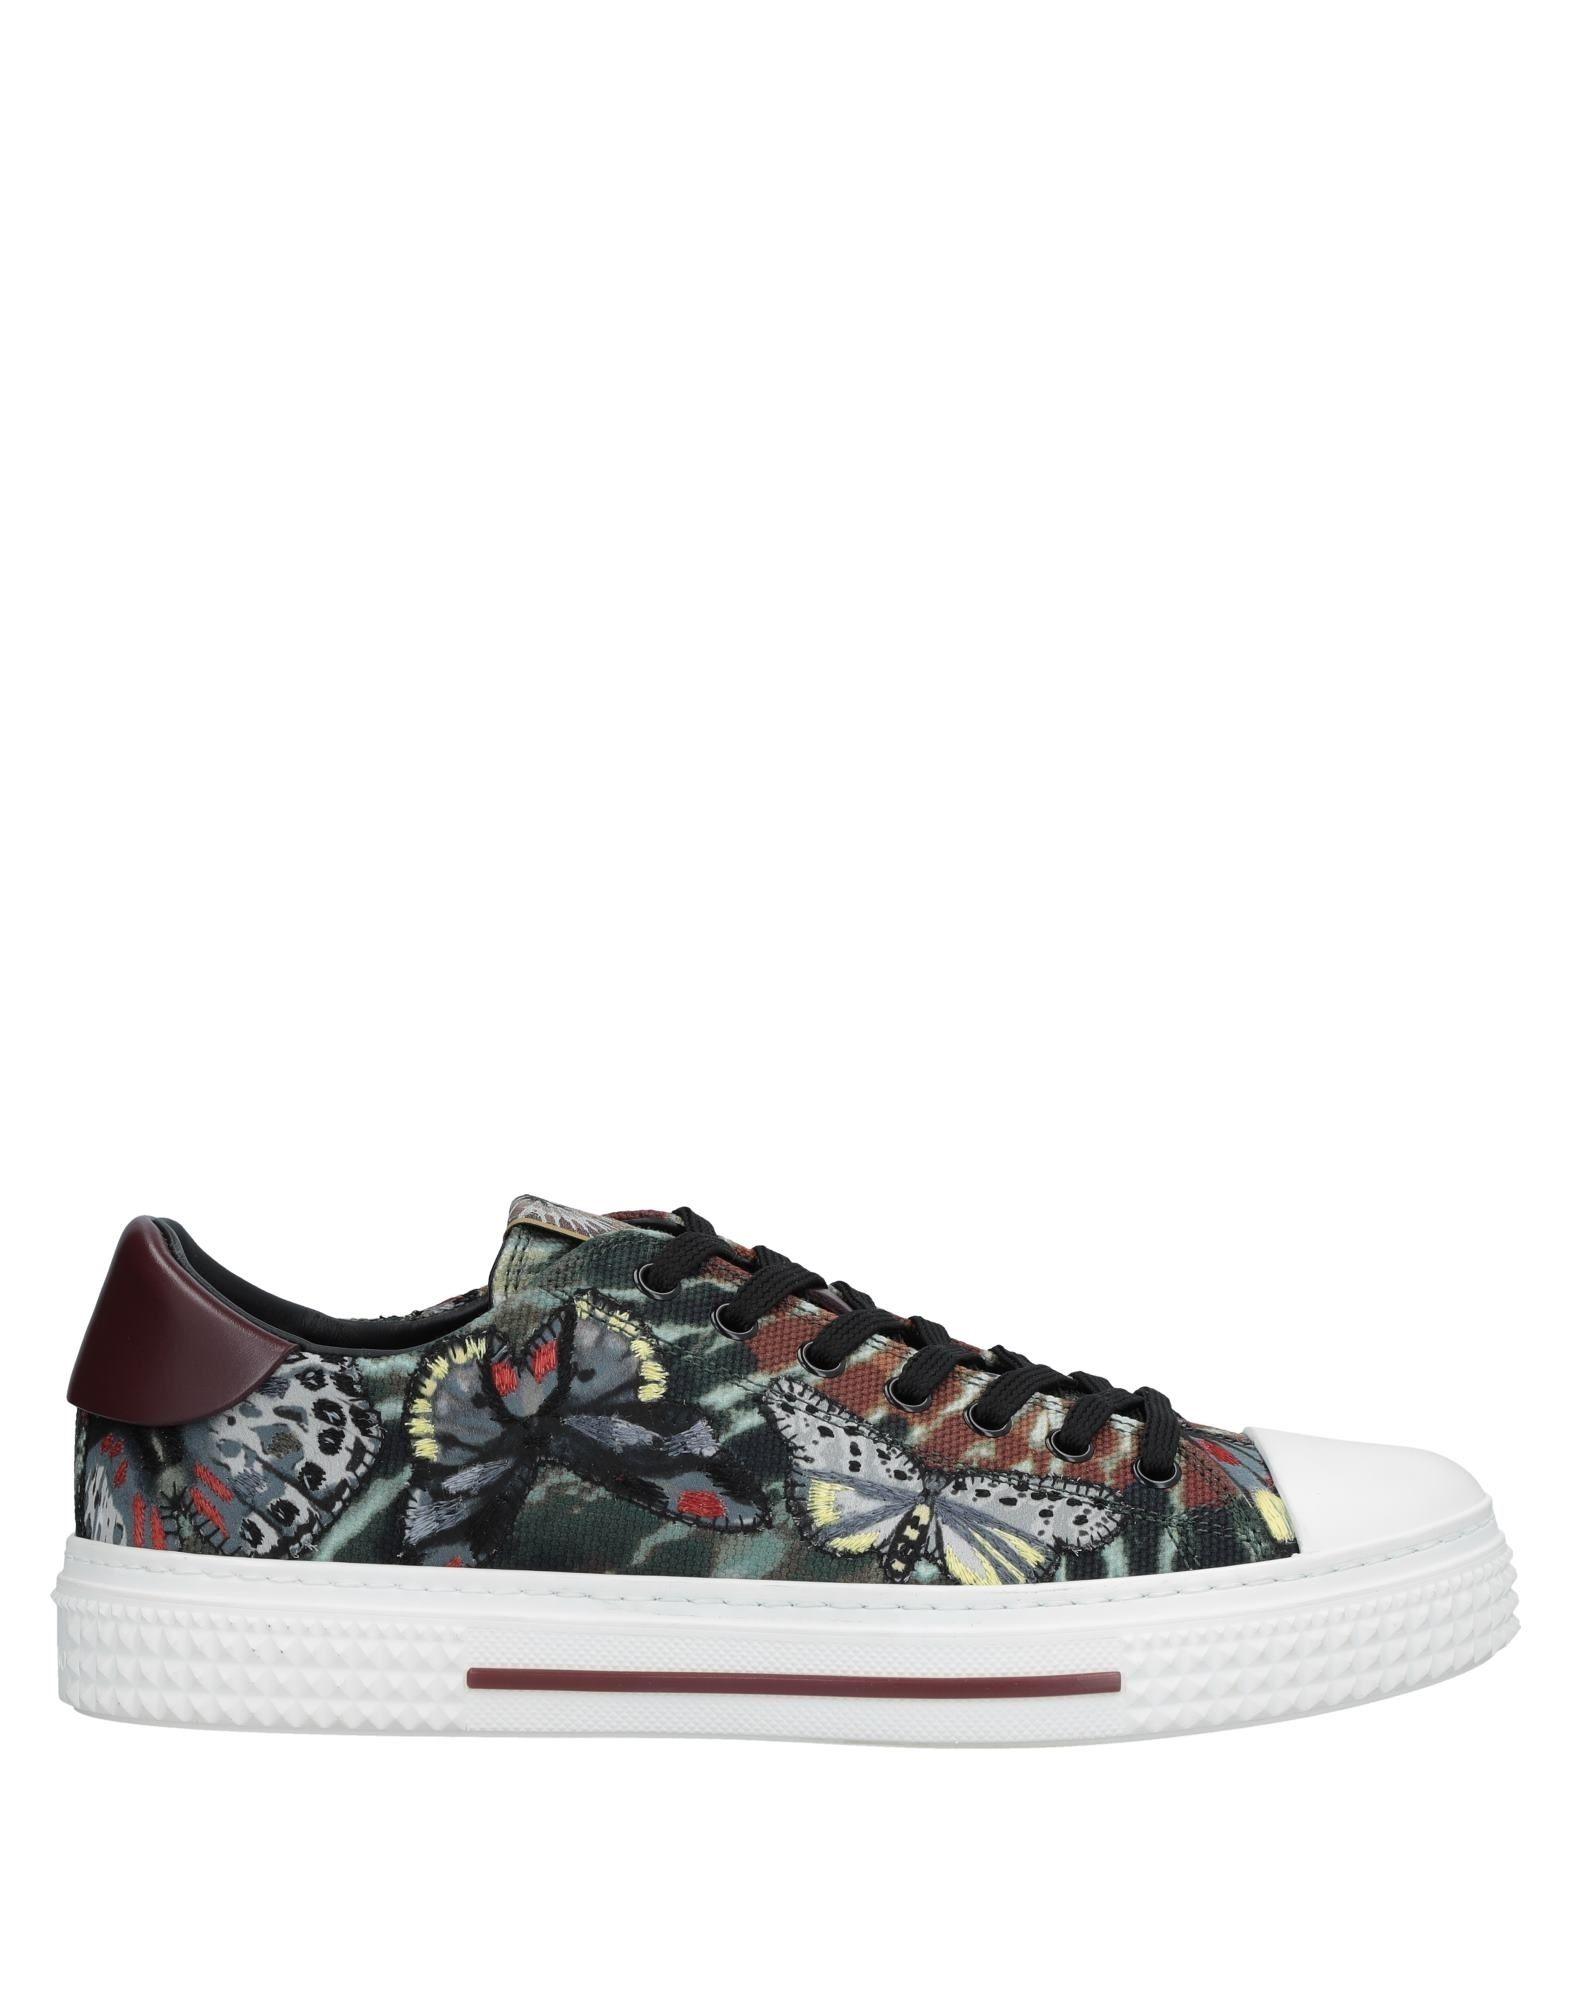 Valentino Garavani Sneakers Herren  11540506BX Gute Qualität beliebte Schuhe